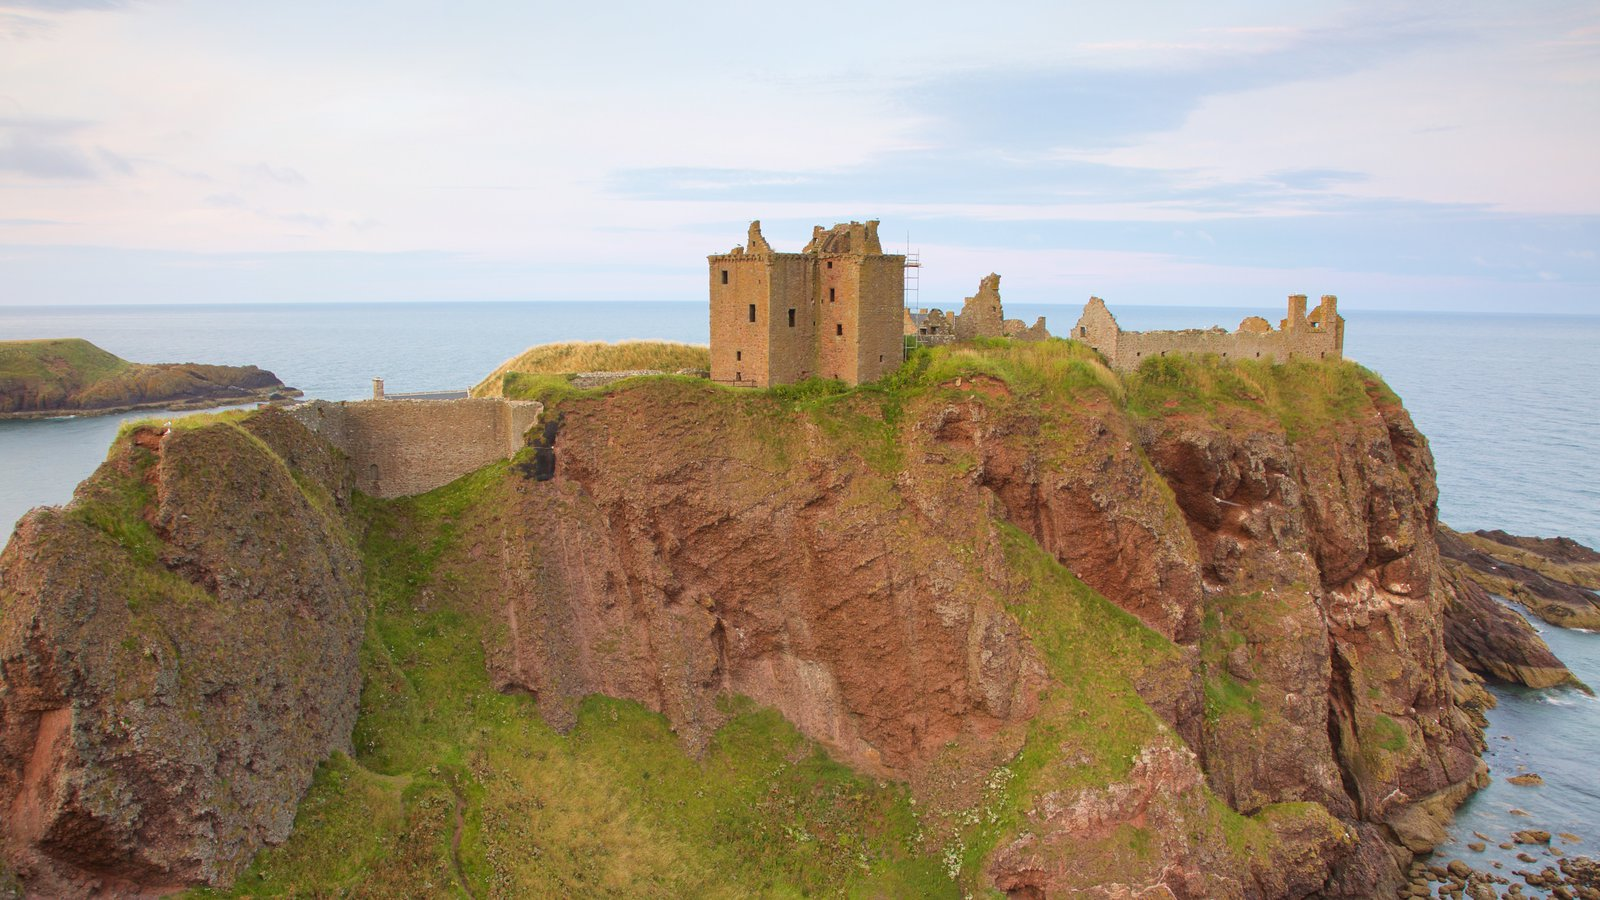 Dunnottar Castle mostrando castillo o palacio